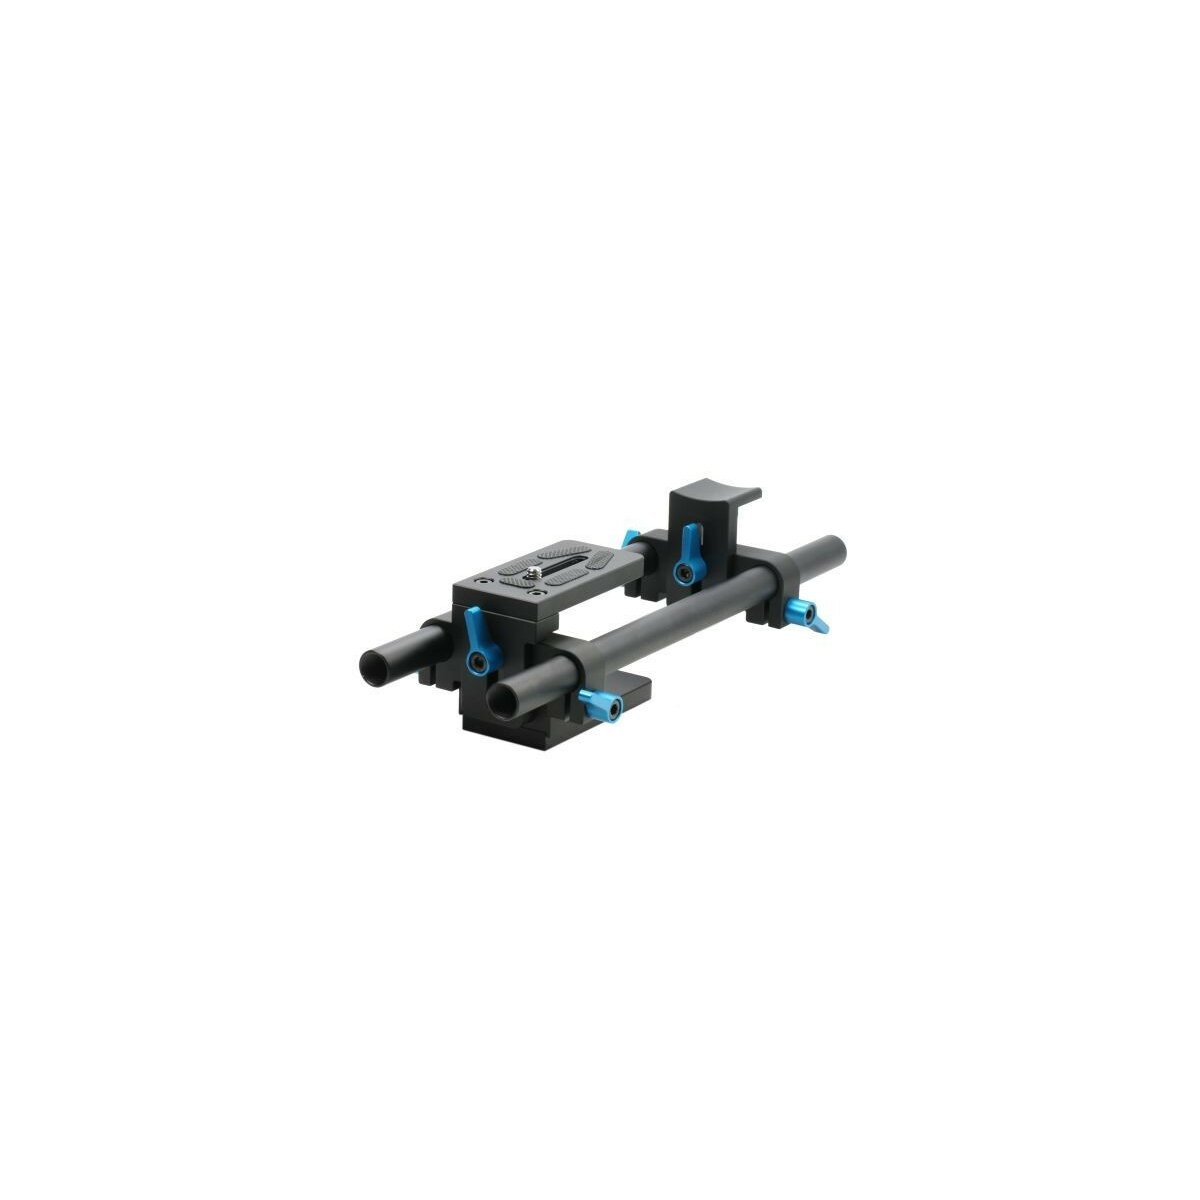 DSLR Rig Stativ Kit für DSLR Kameras mit schweren Objektiven – Rig für Follow Focus, Matte Box etc…